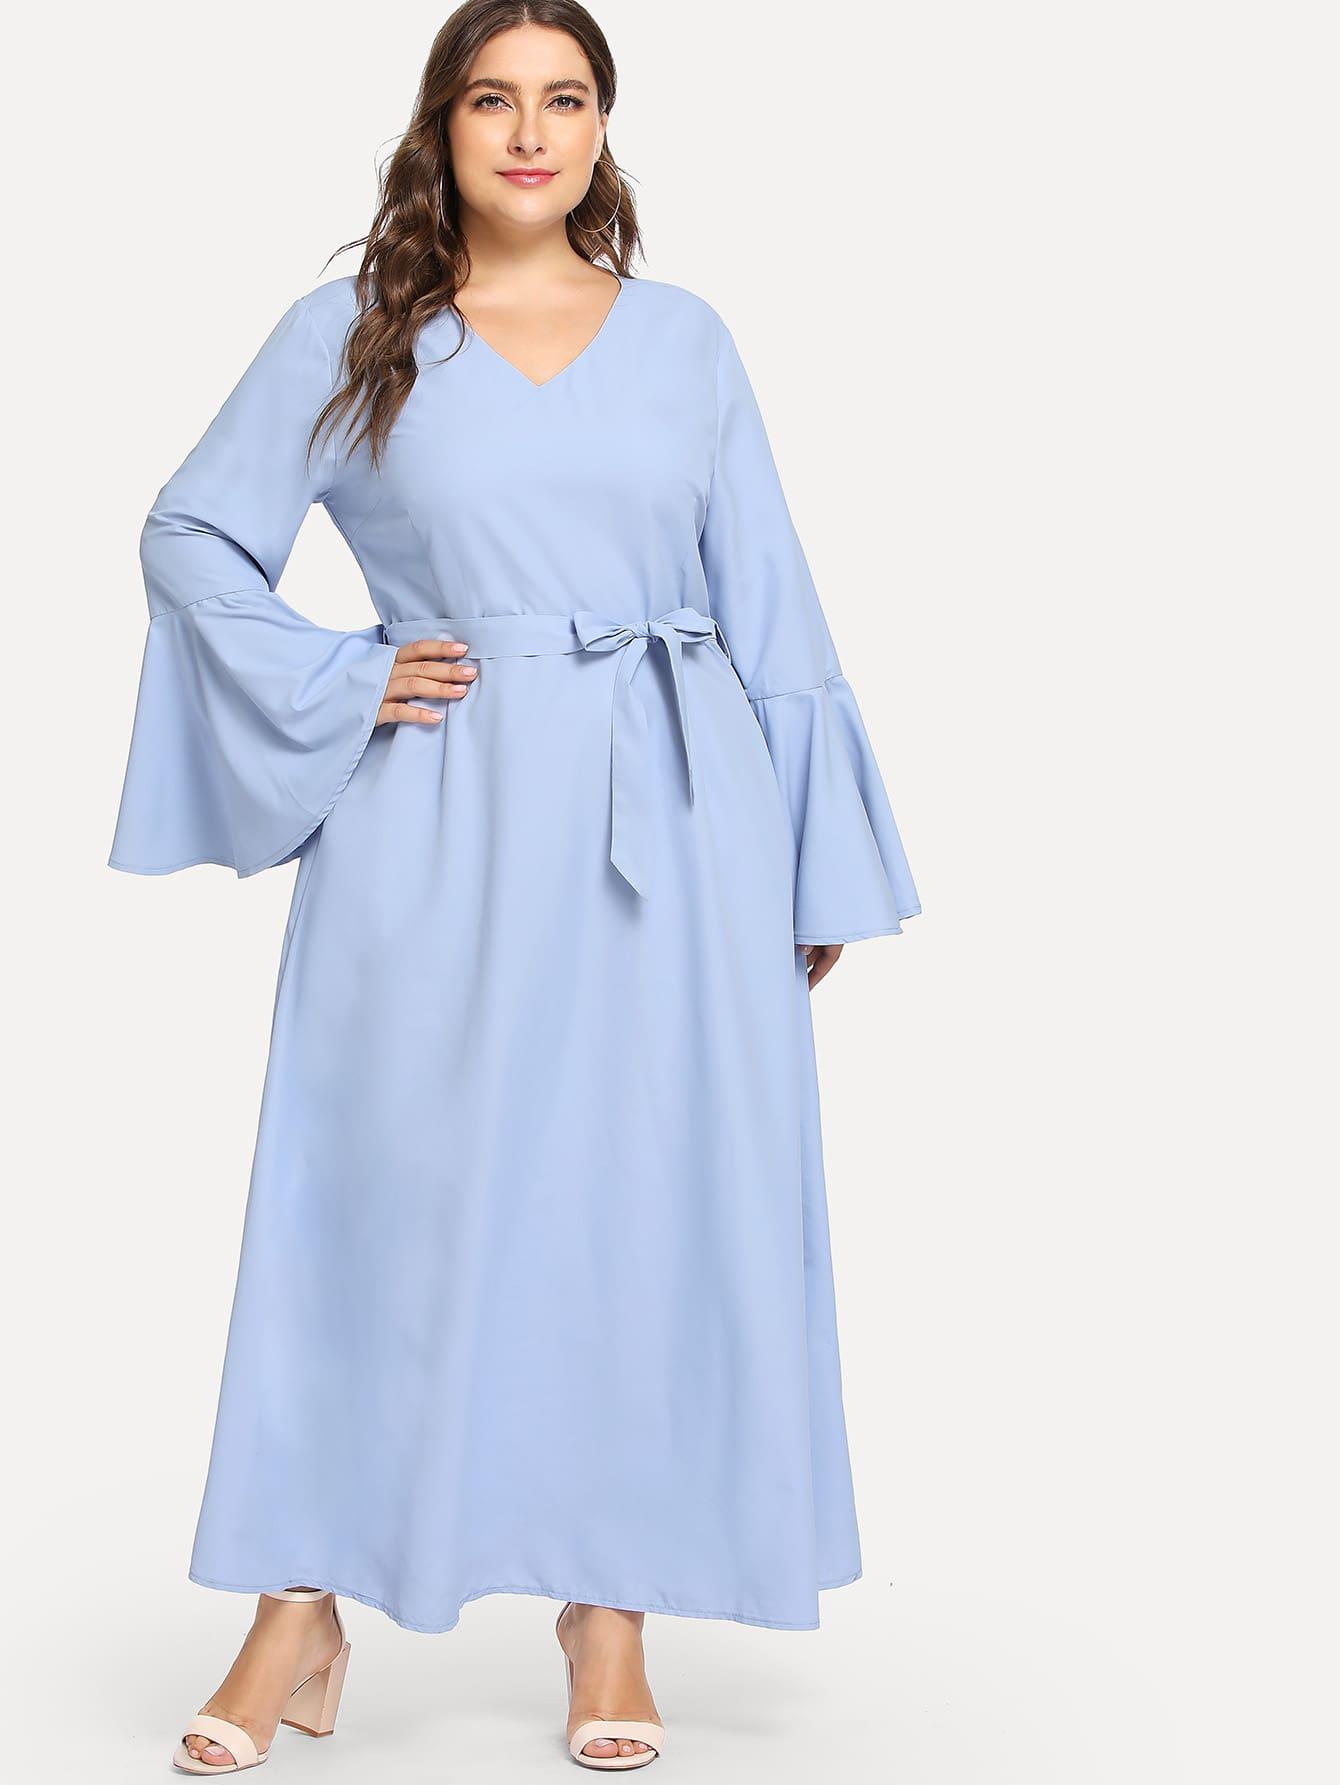 Купить Большое платье с поясом и рукав с розеткой, Franziska, SheIn